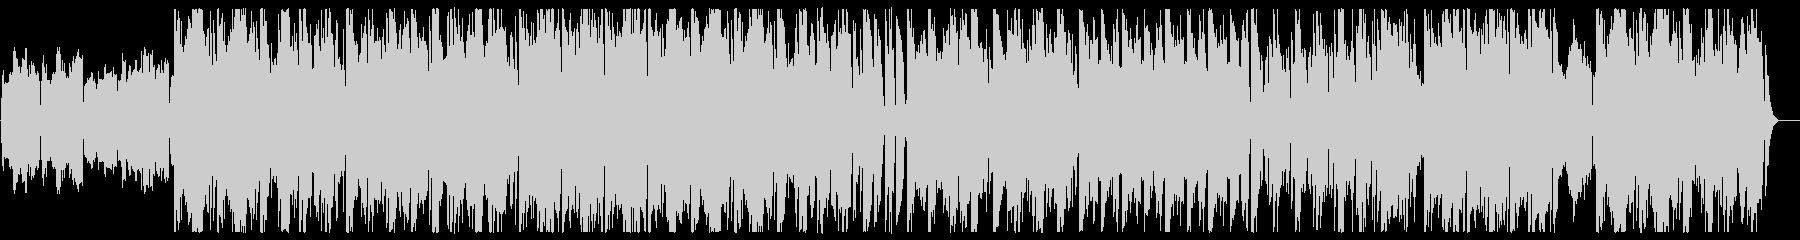 緩やかでメローなクラシカルワルツ風BGMの未再生の波形